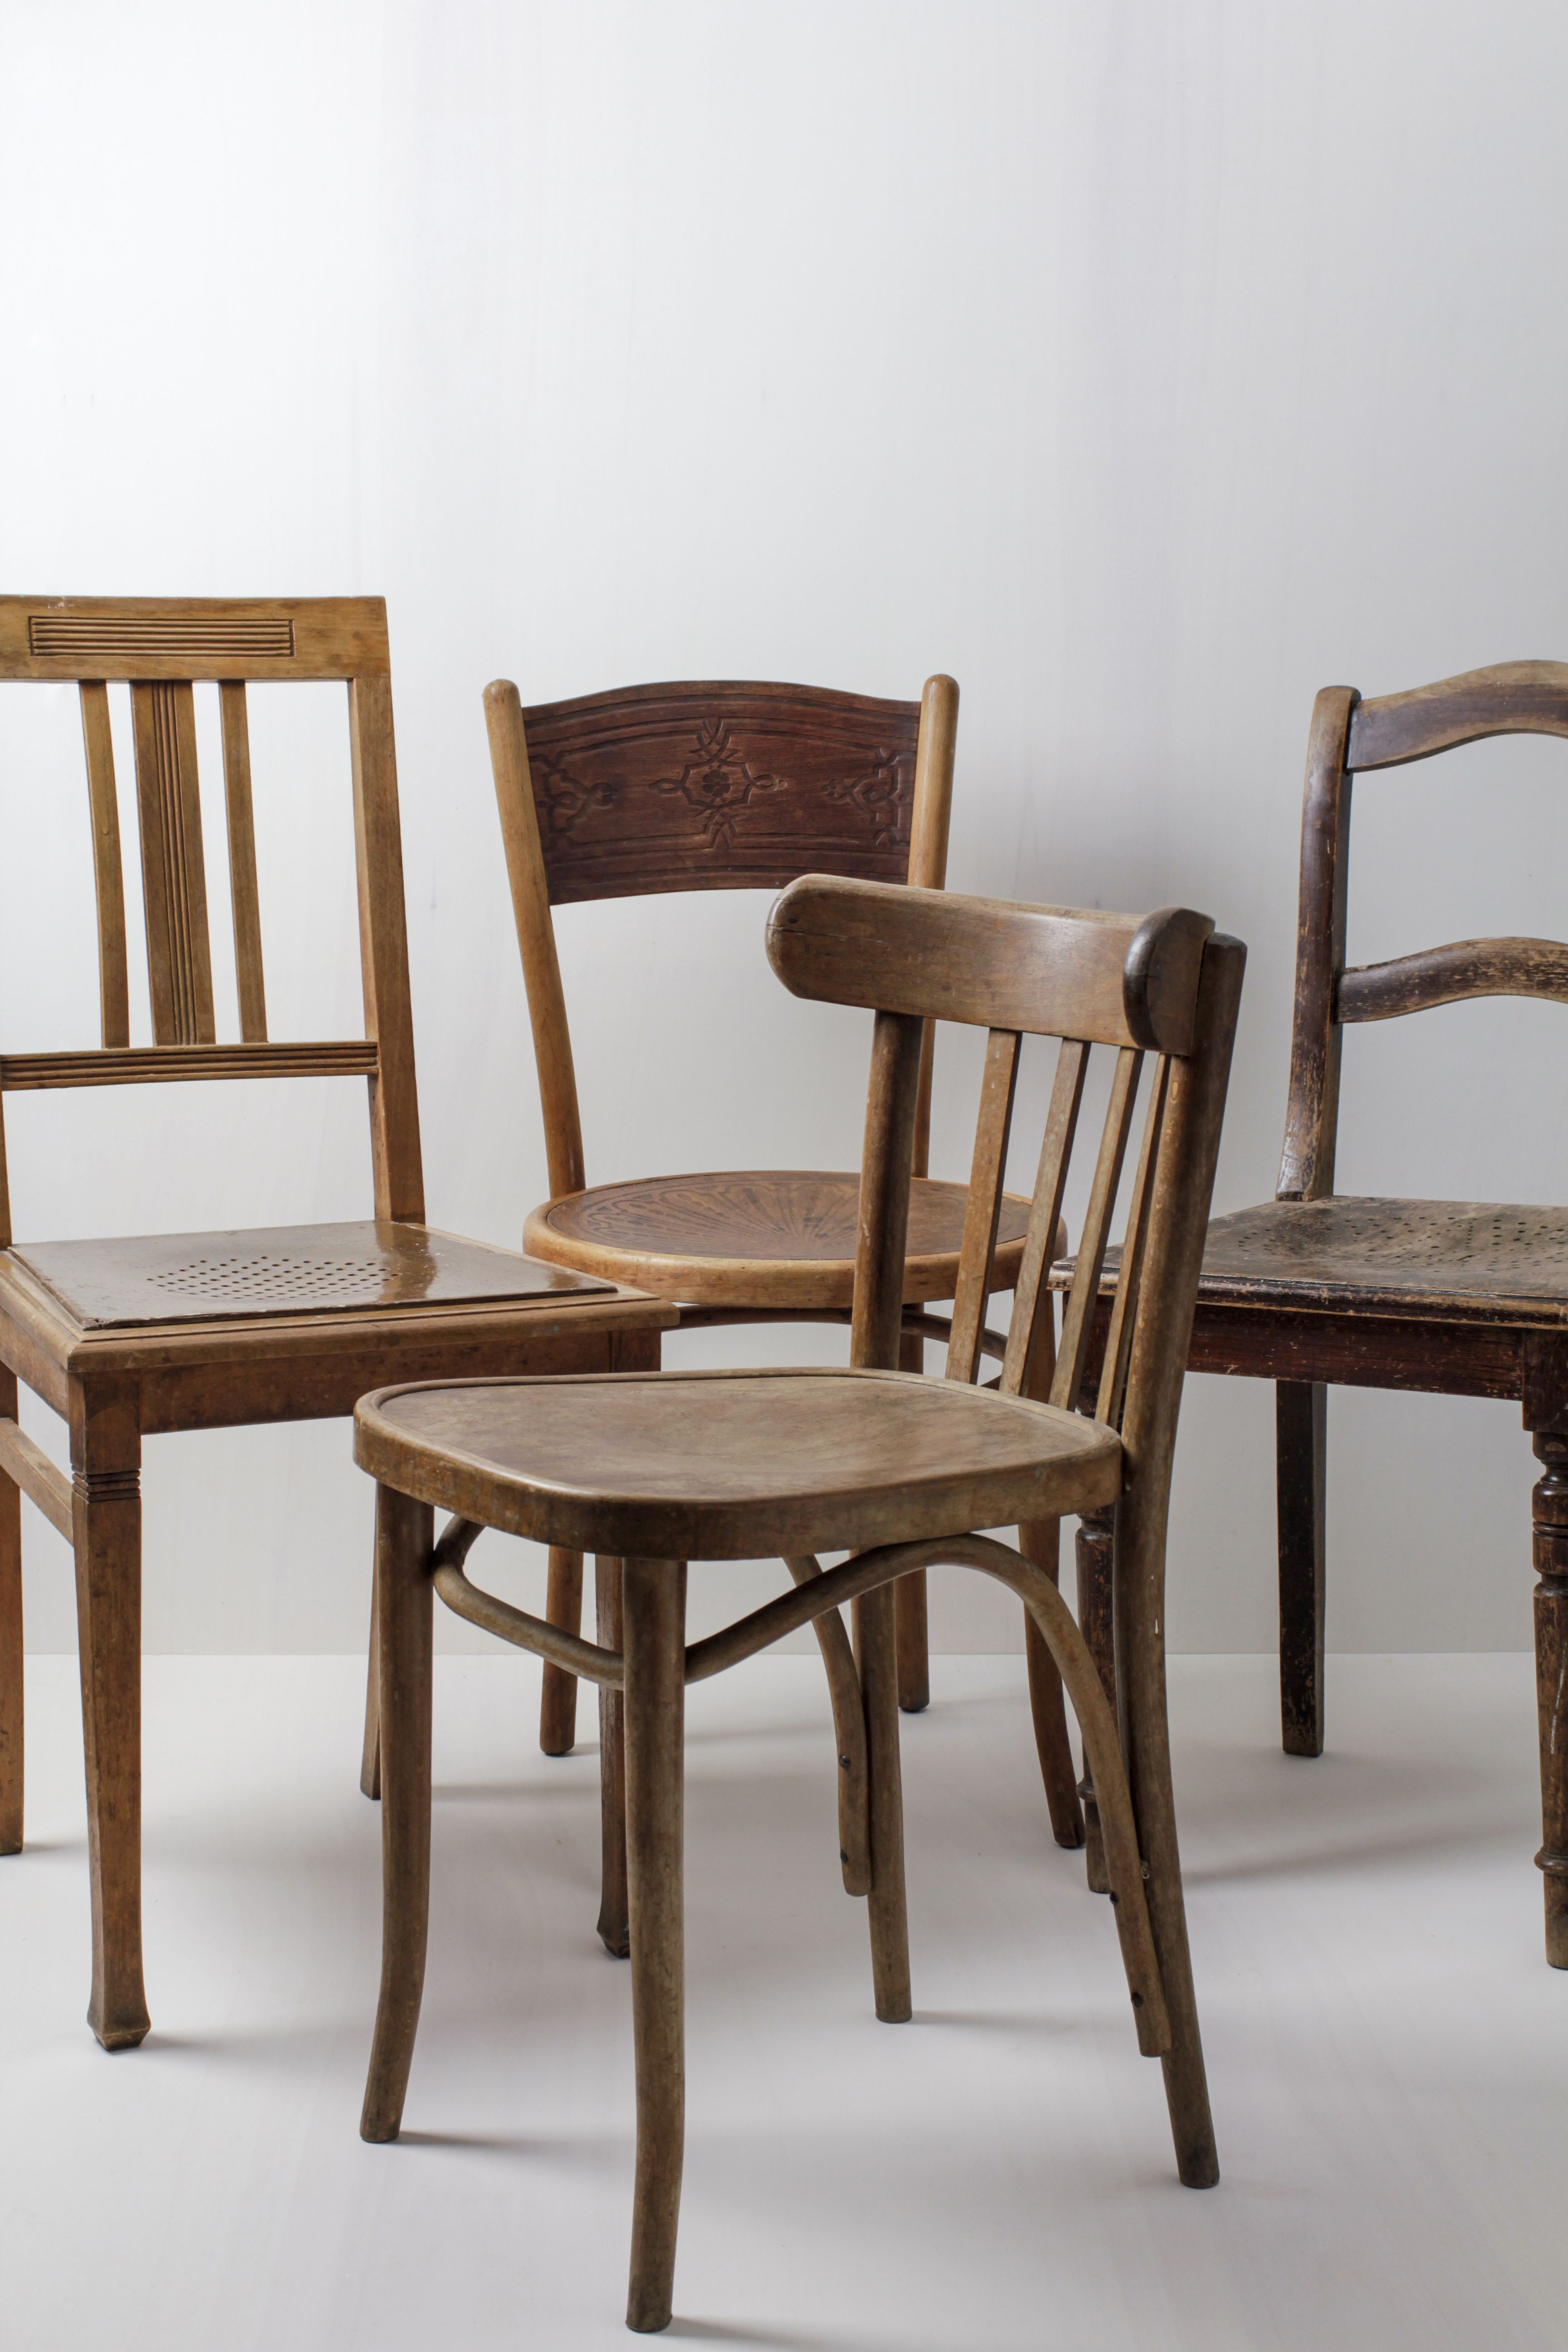 Holzstühle Carlos Mismatching Vintage Braun